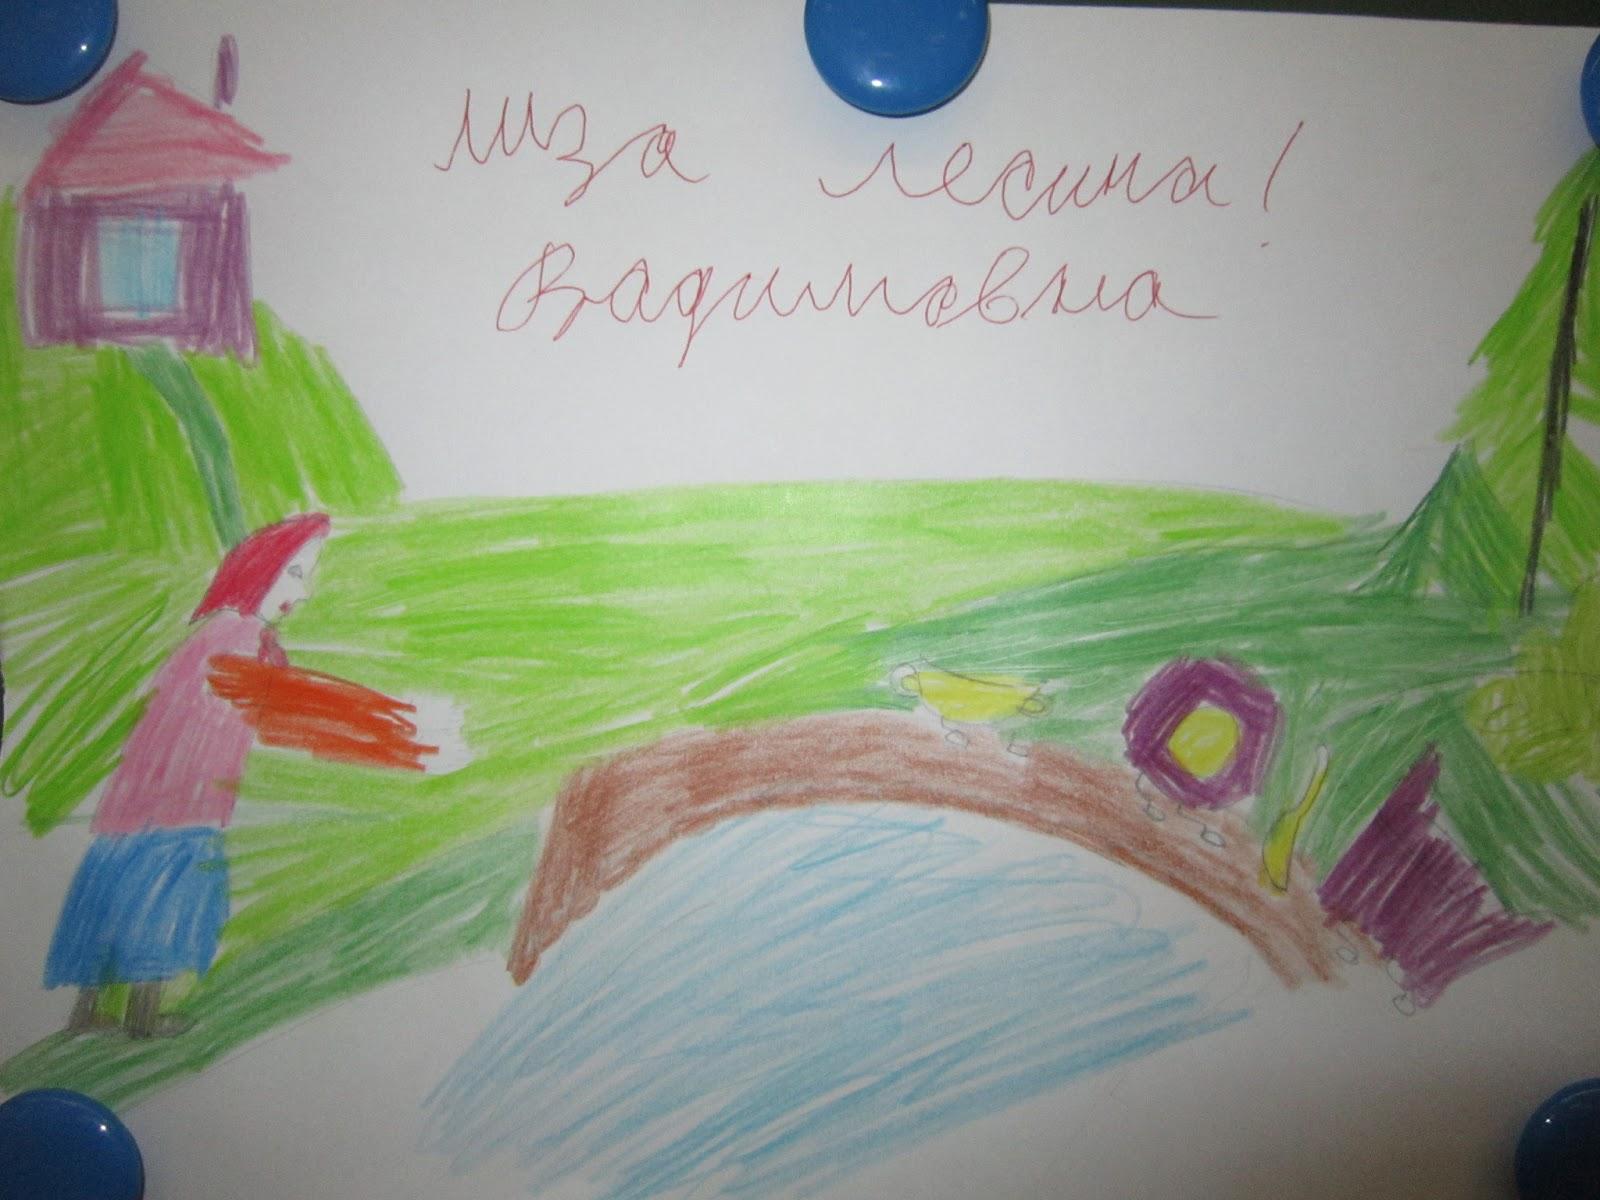 sdo.rusal.ru